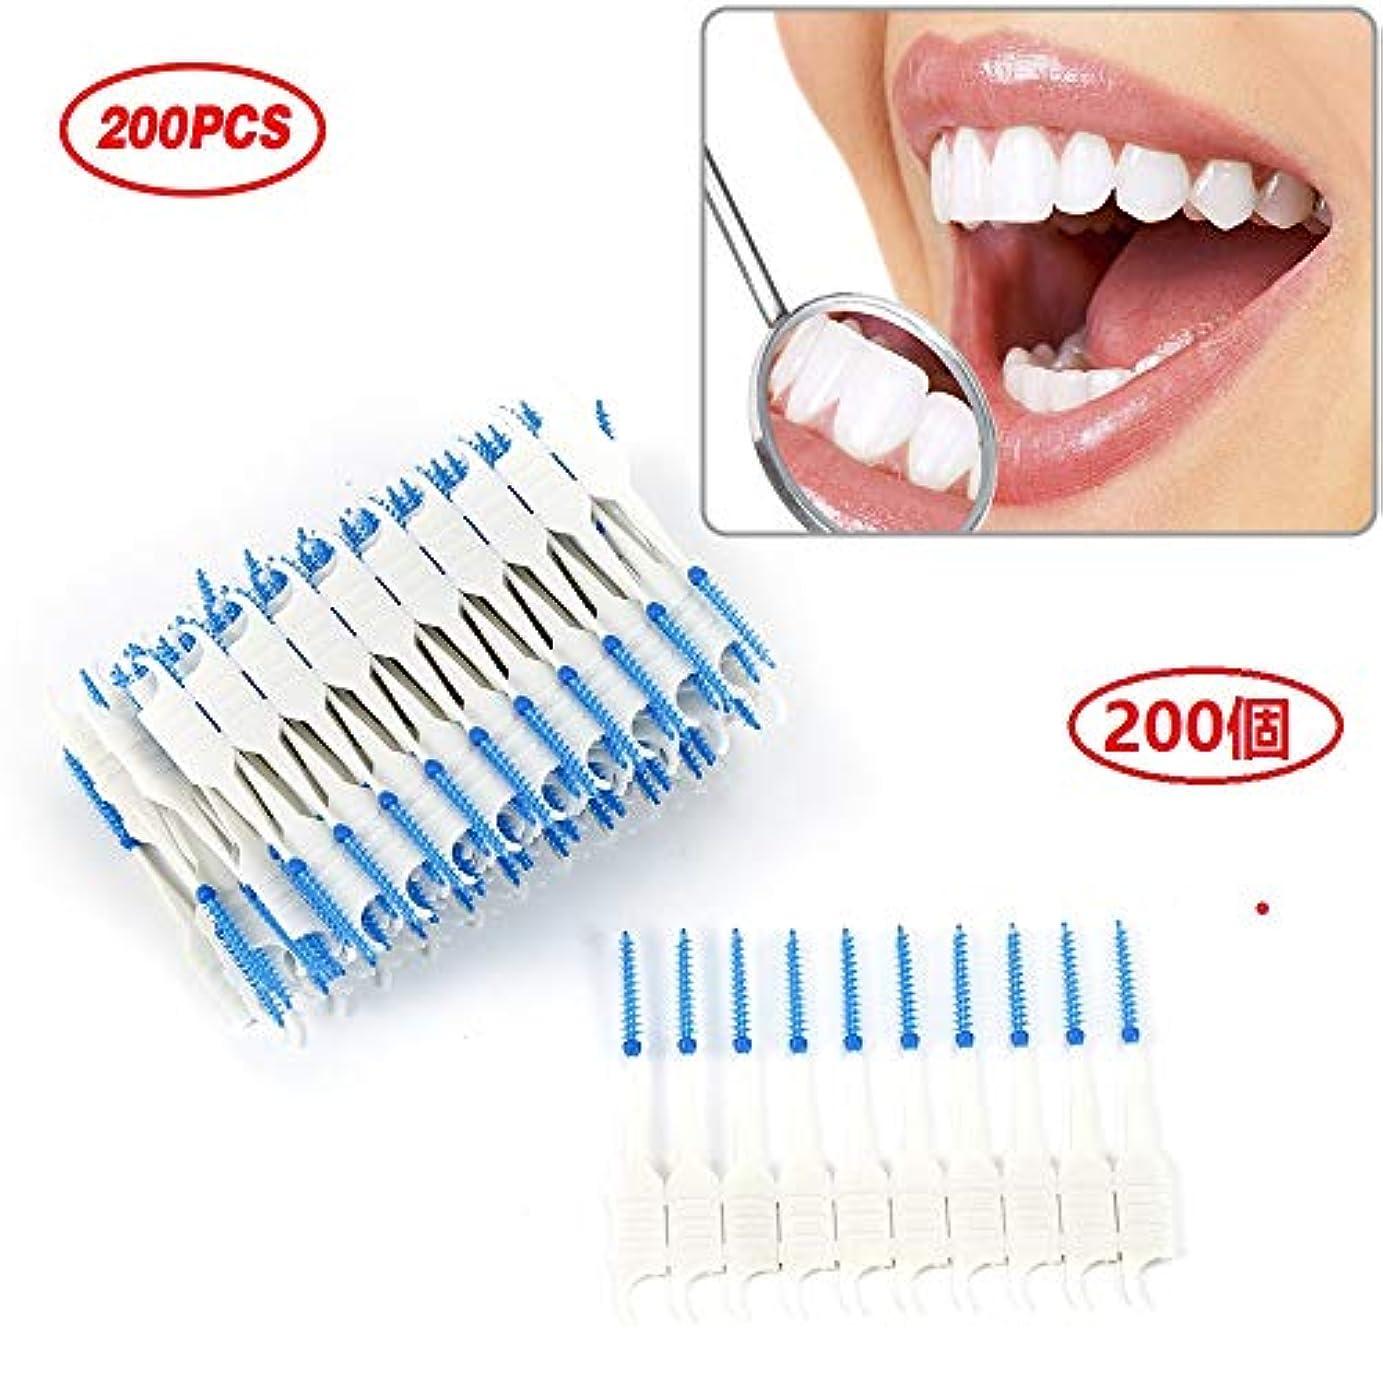 お手伝いさん大理石レパートリー200ピース歯のクリーニングオーラルケア歯フロス口腔衛生デンタルフロスソフト歯間二重つまようじ健康ツール 200 Pcs Teeth Cleaning Oral Care Tooth Floss Hygiene Dental...